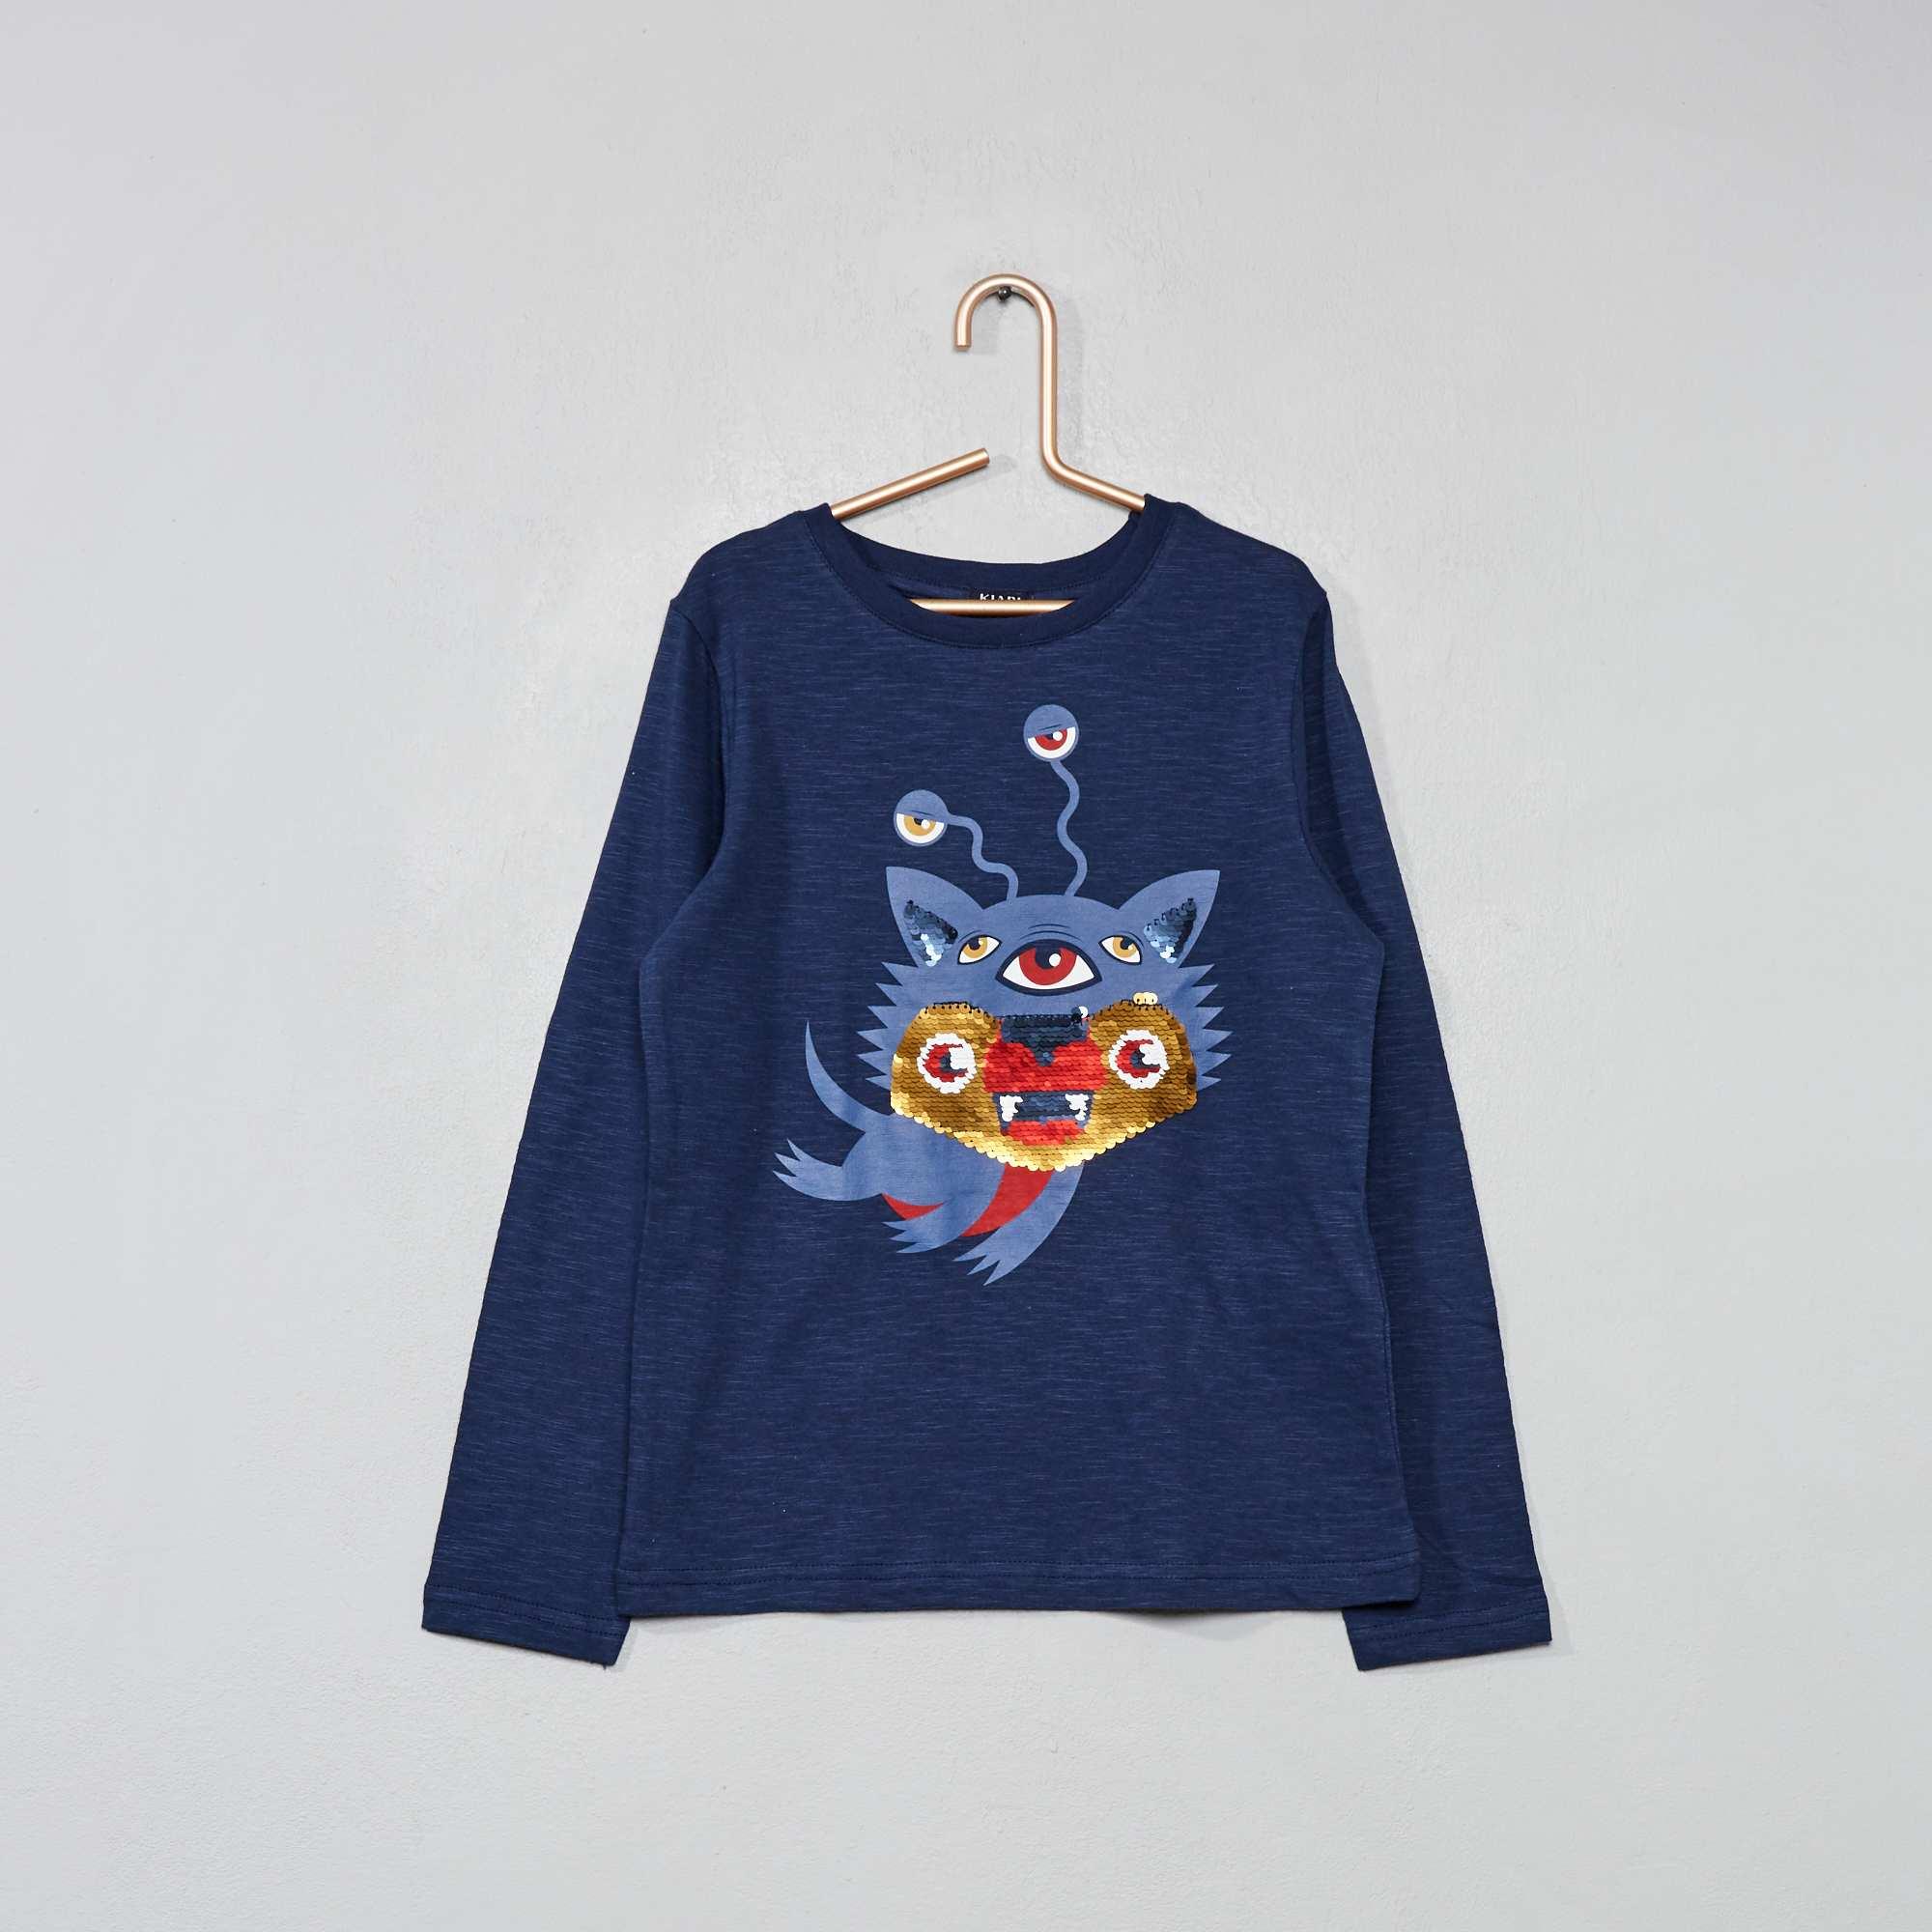 10f2a21aa5e7f T-shirt à sequins réversibles Garçon - bleu - Kiabi - 4